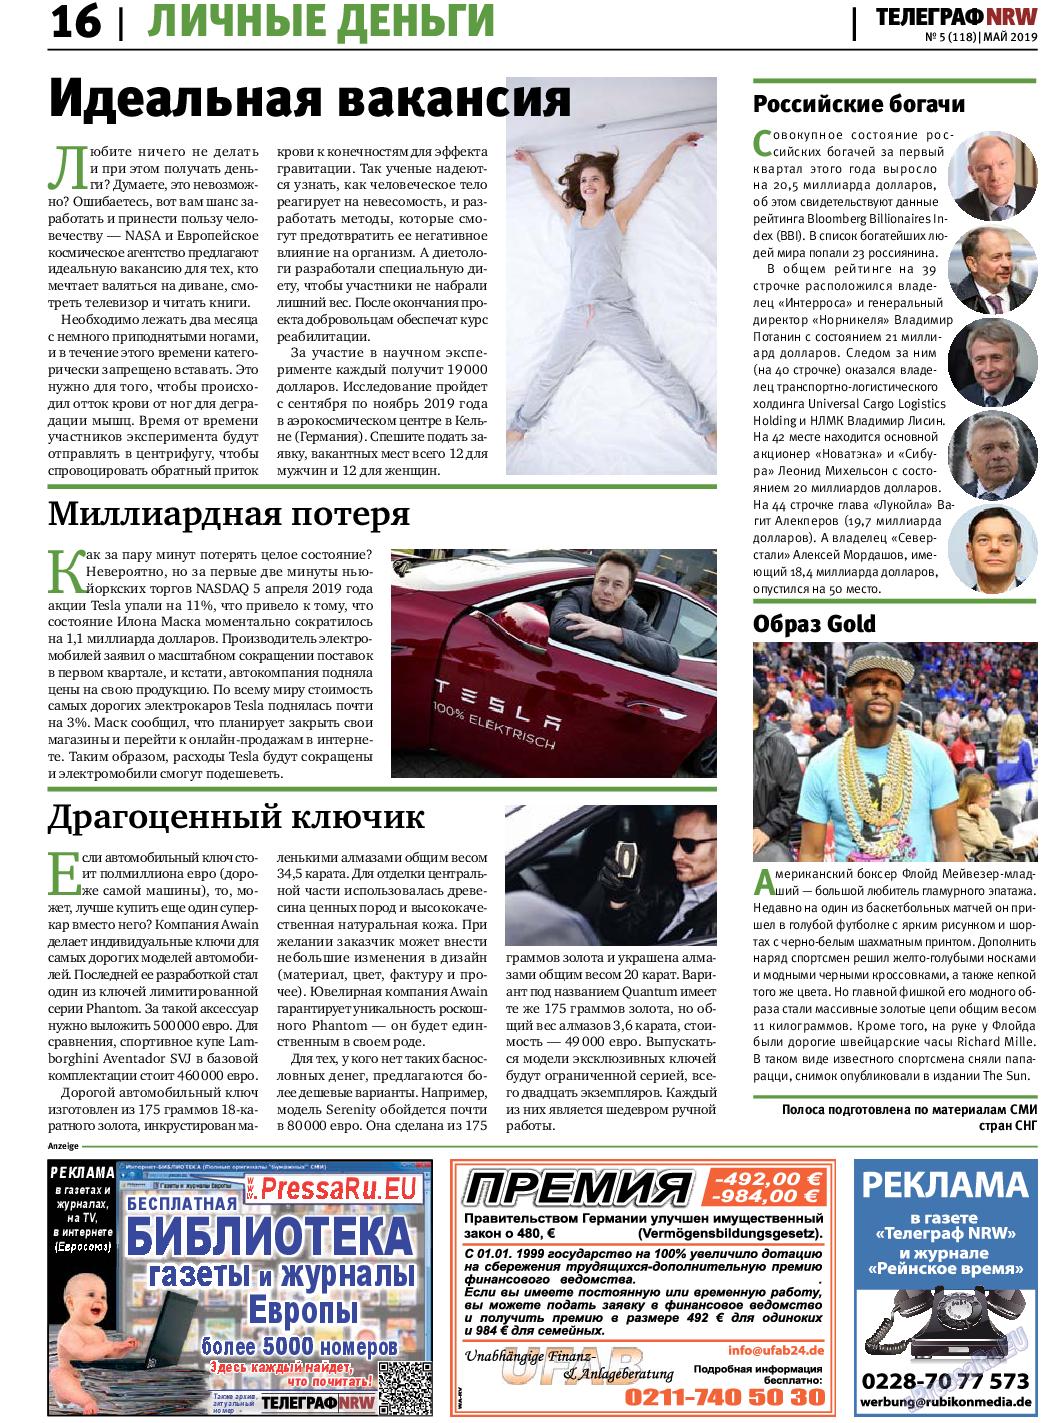 Телеграф NRW (газета). 2019 год, номер 5, стр. 16